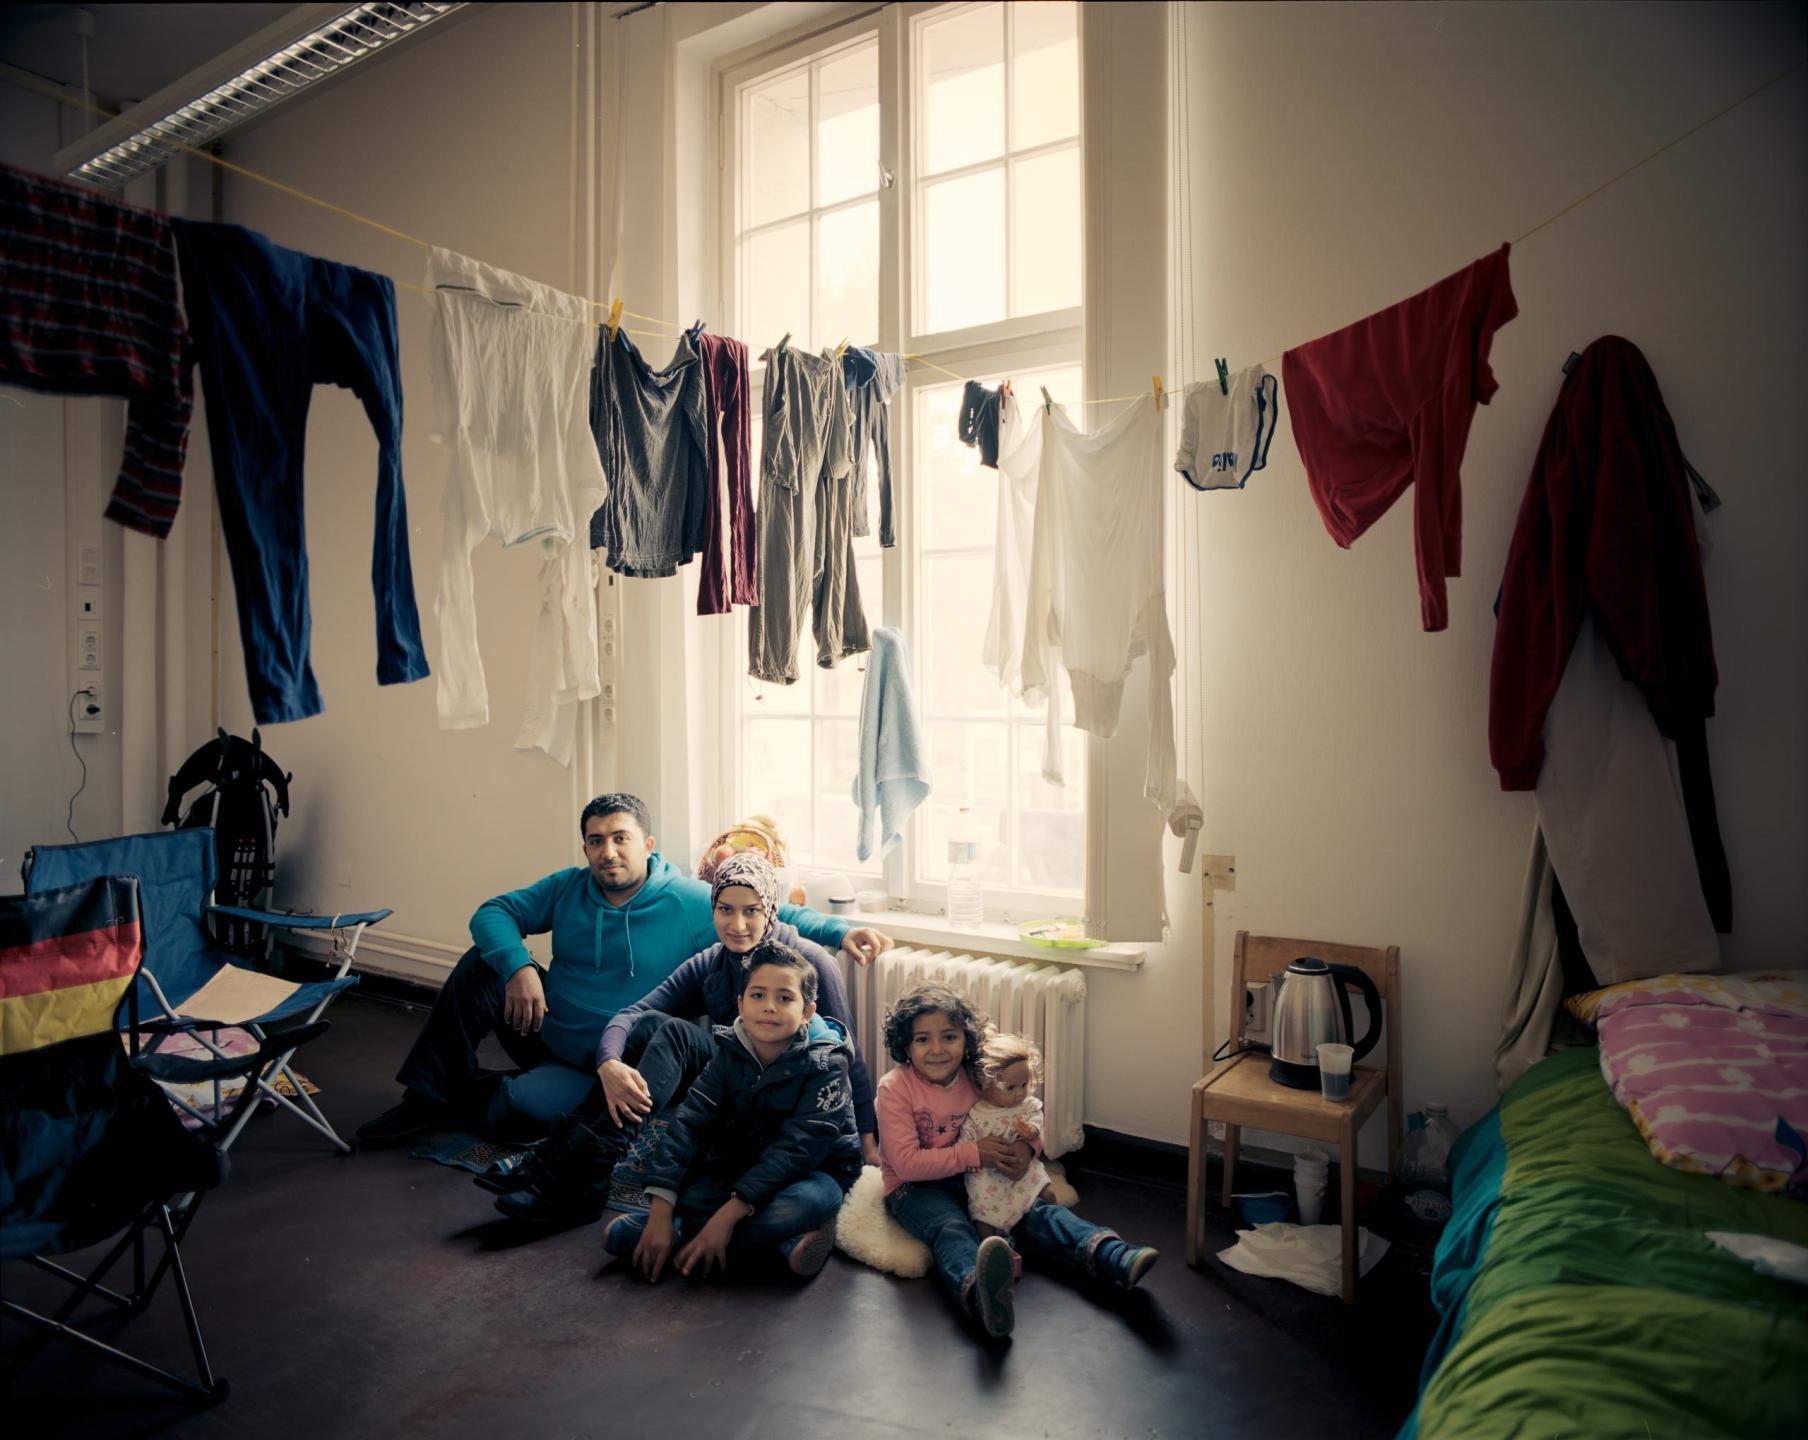 фотографии беженцев в Европе, сирийцы, афганцы-3